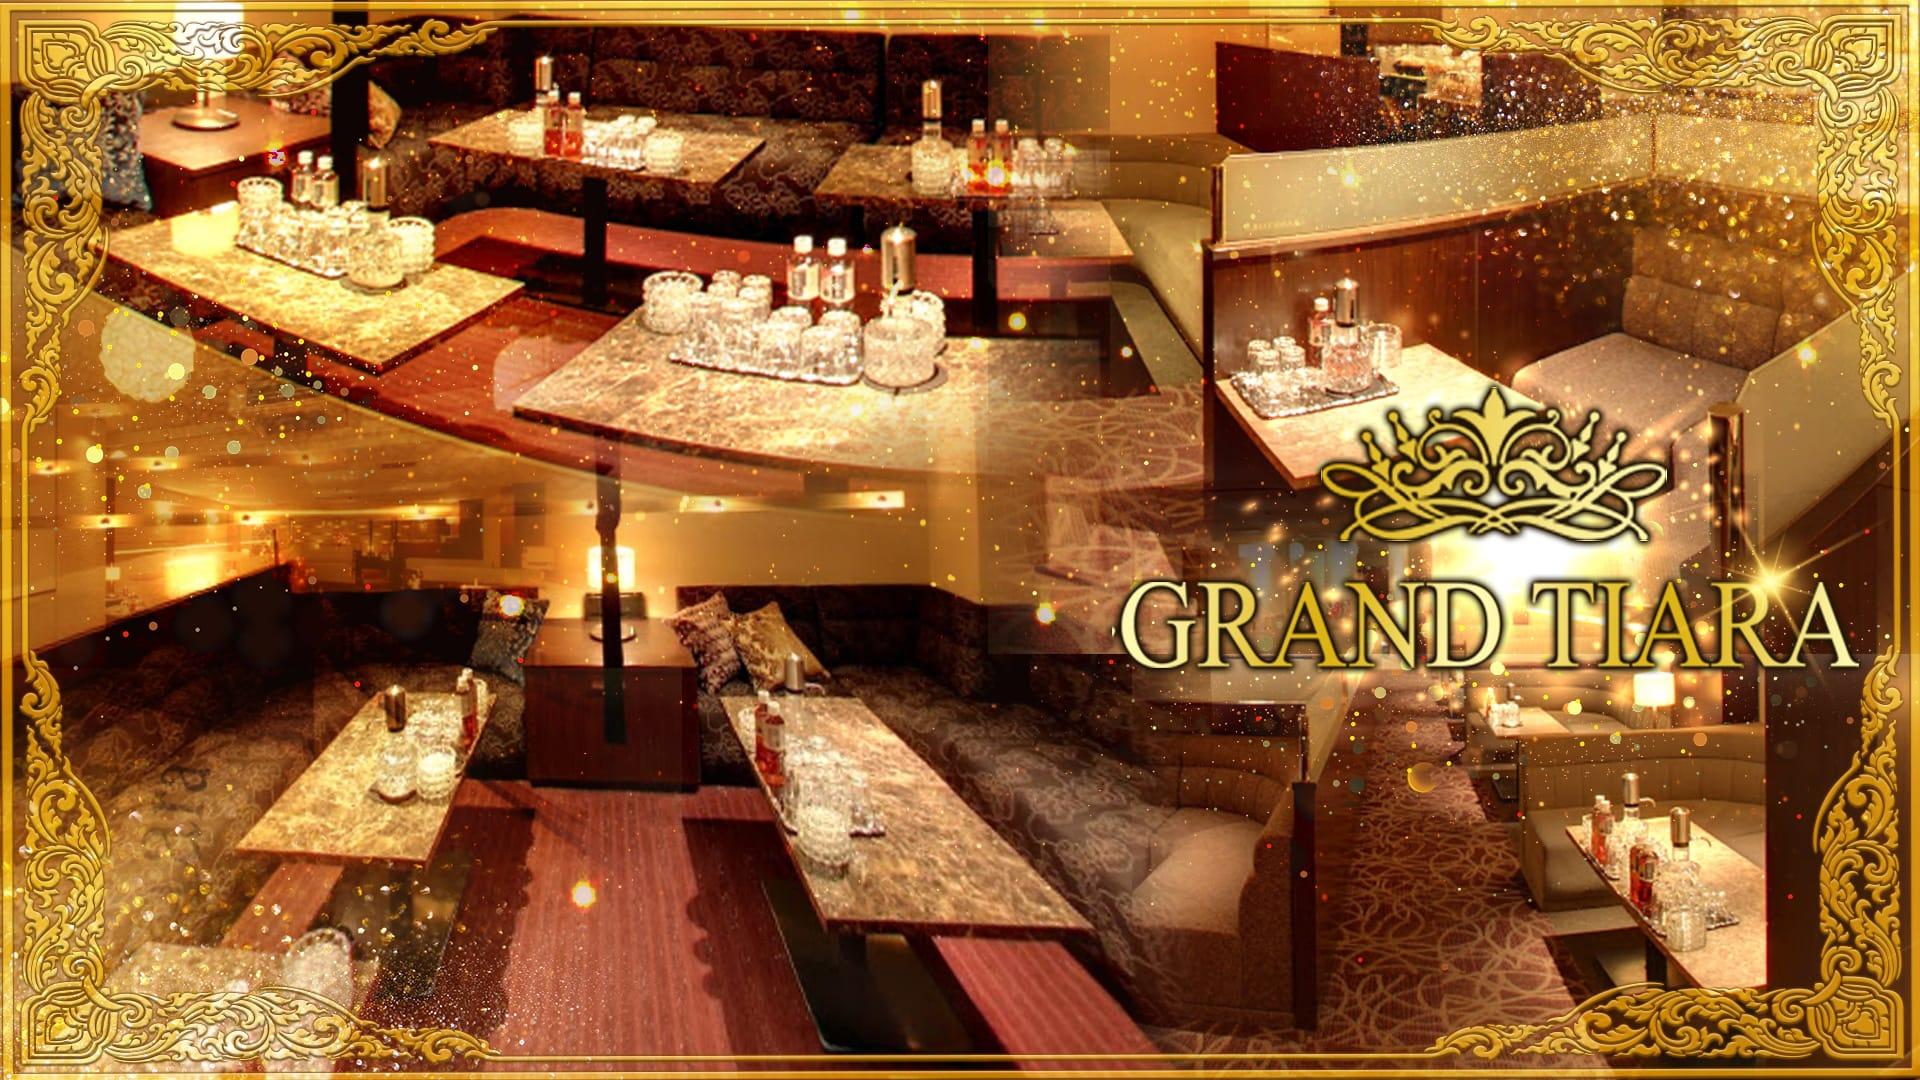 GRAND TIARA(グランドティアラ) 都町キャバクラ TOP画像